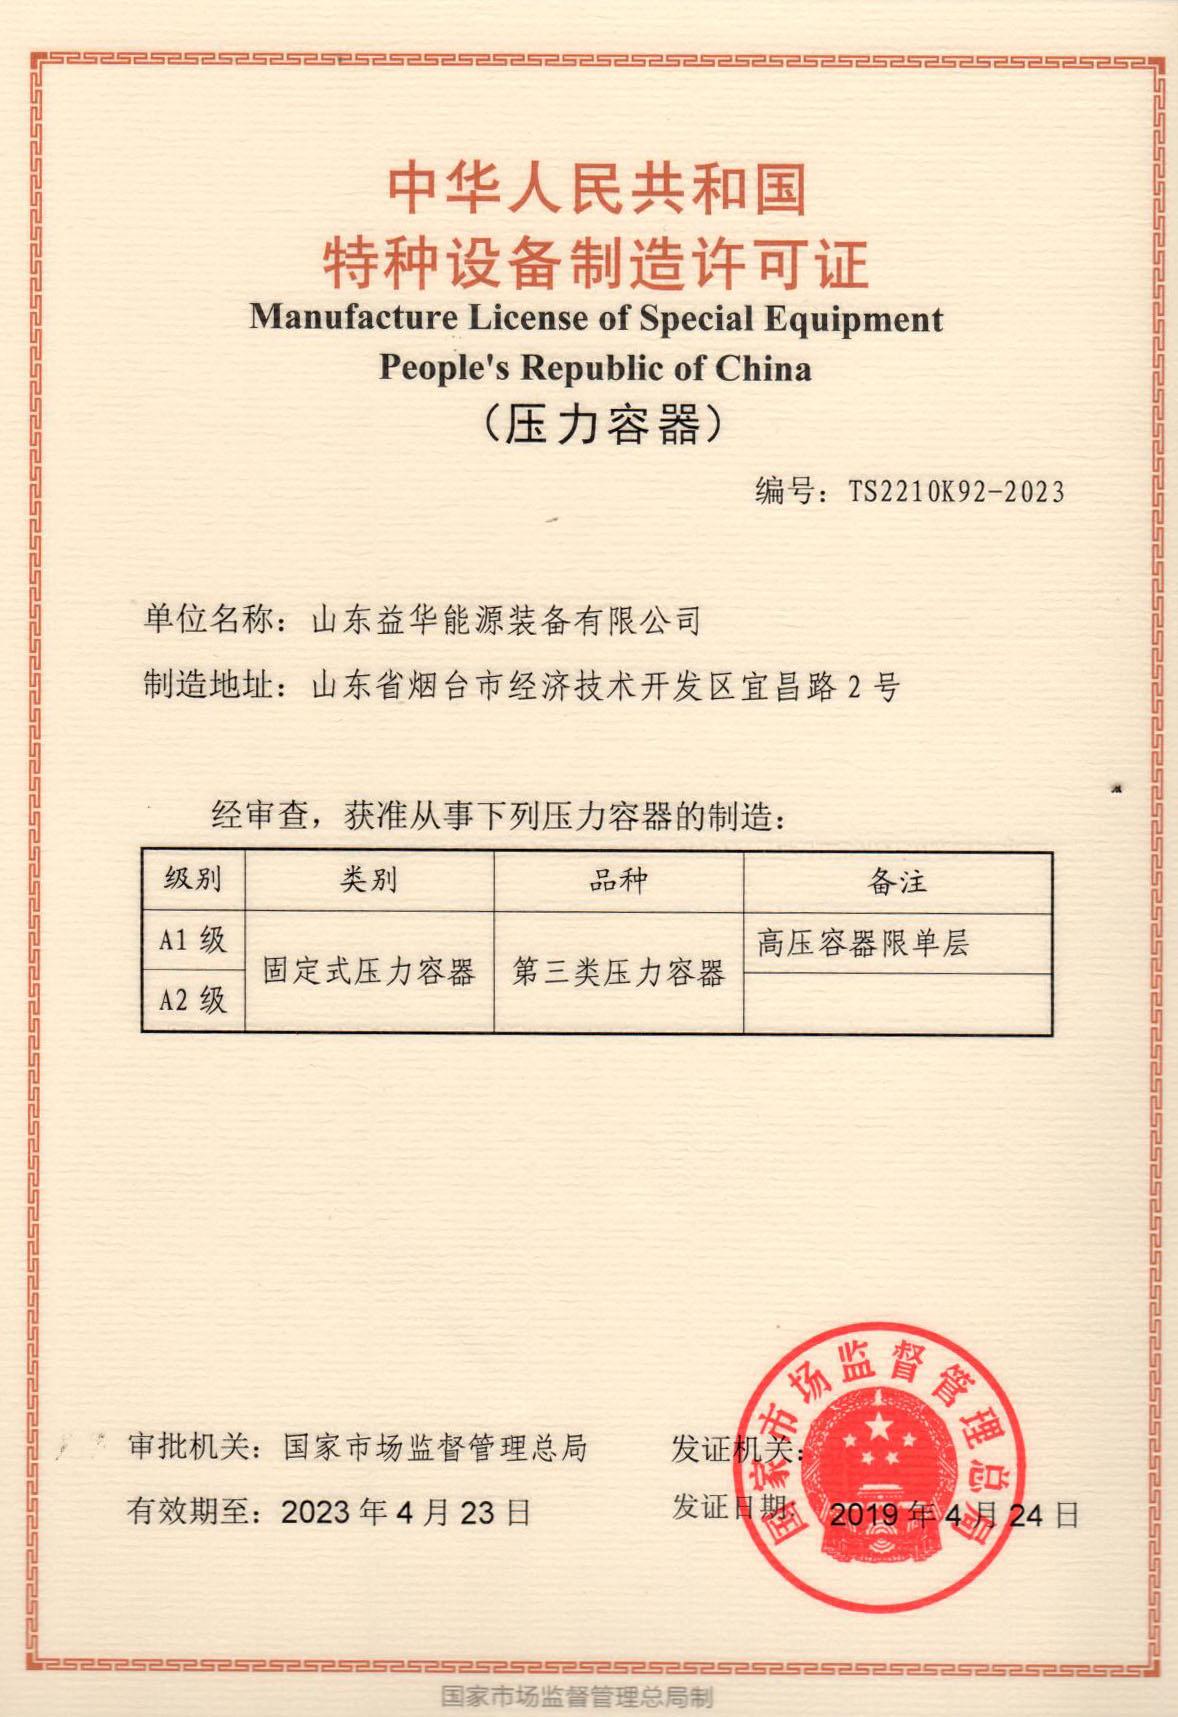 特种设备制造许可证_压力容器